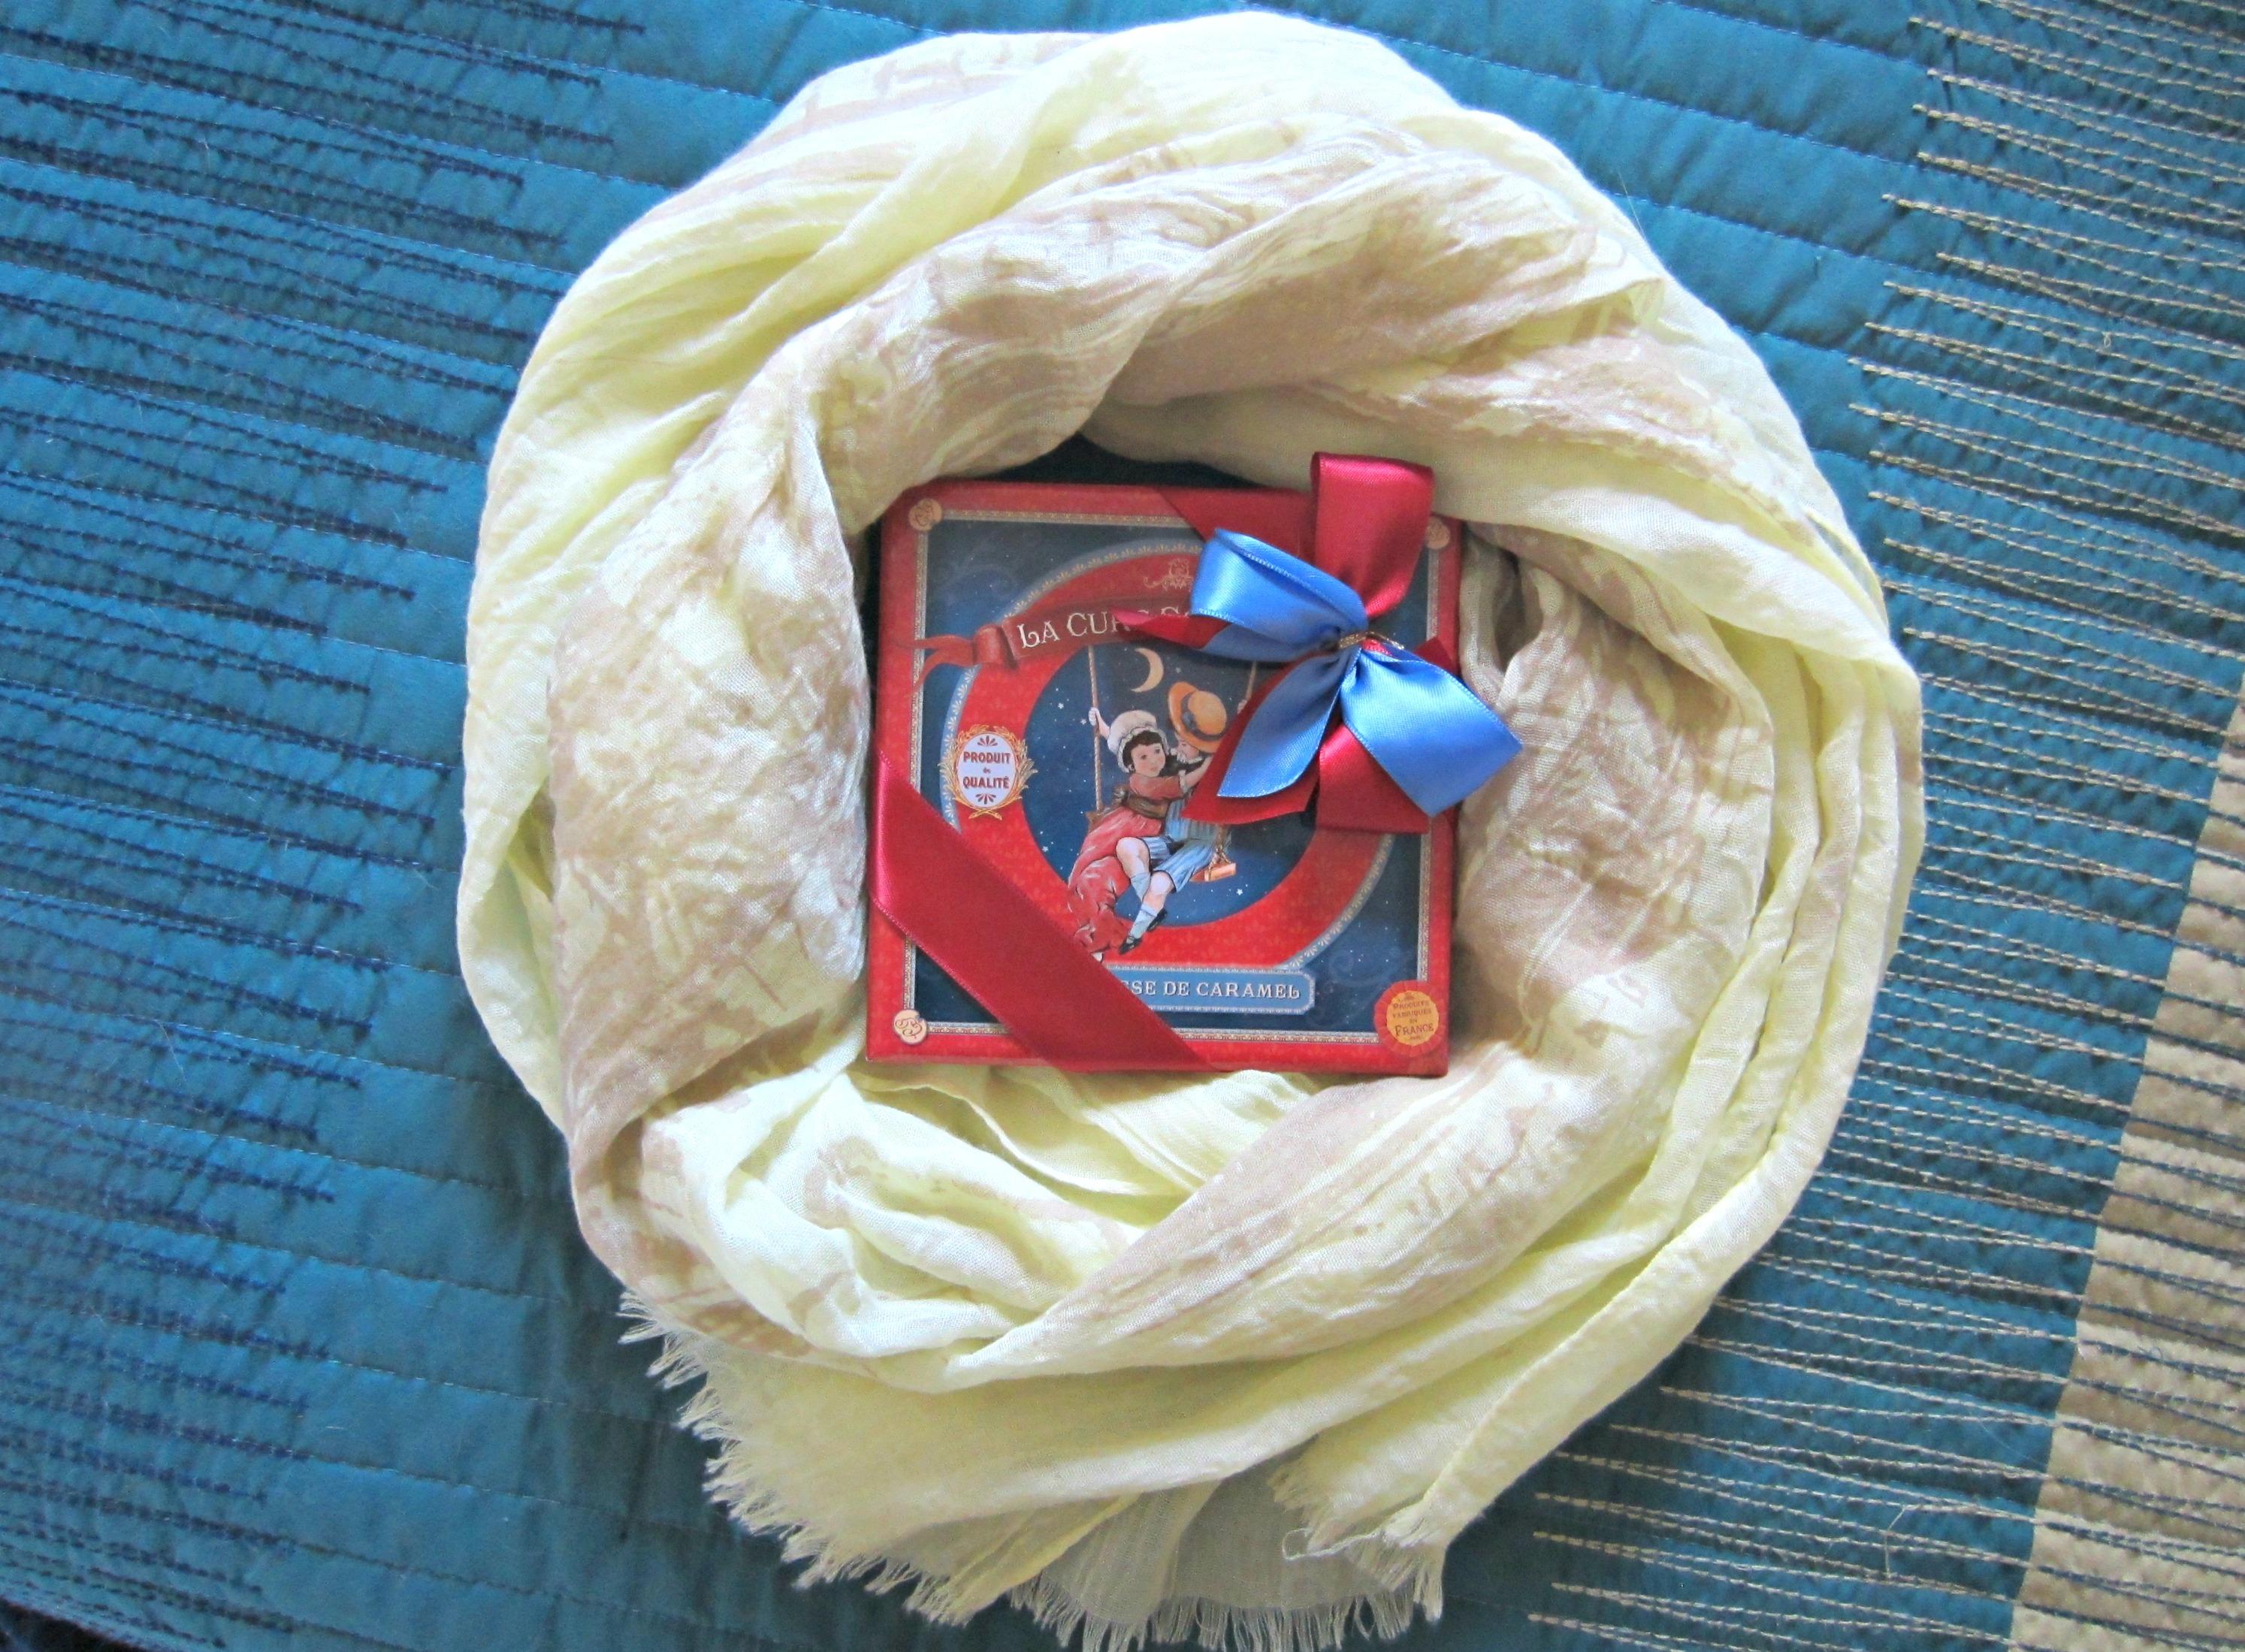 paris scarf and caramel chocolates